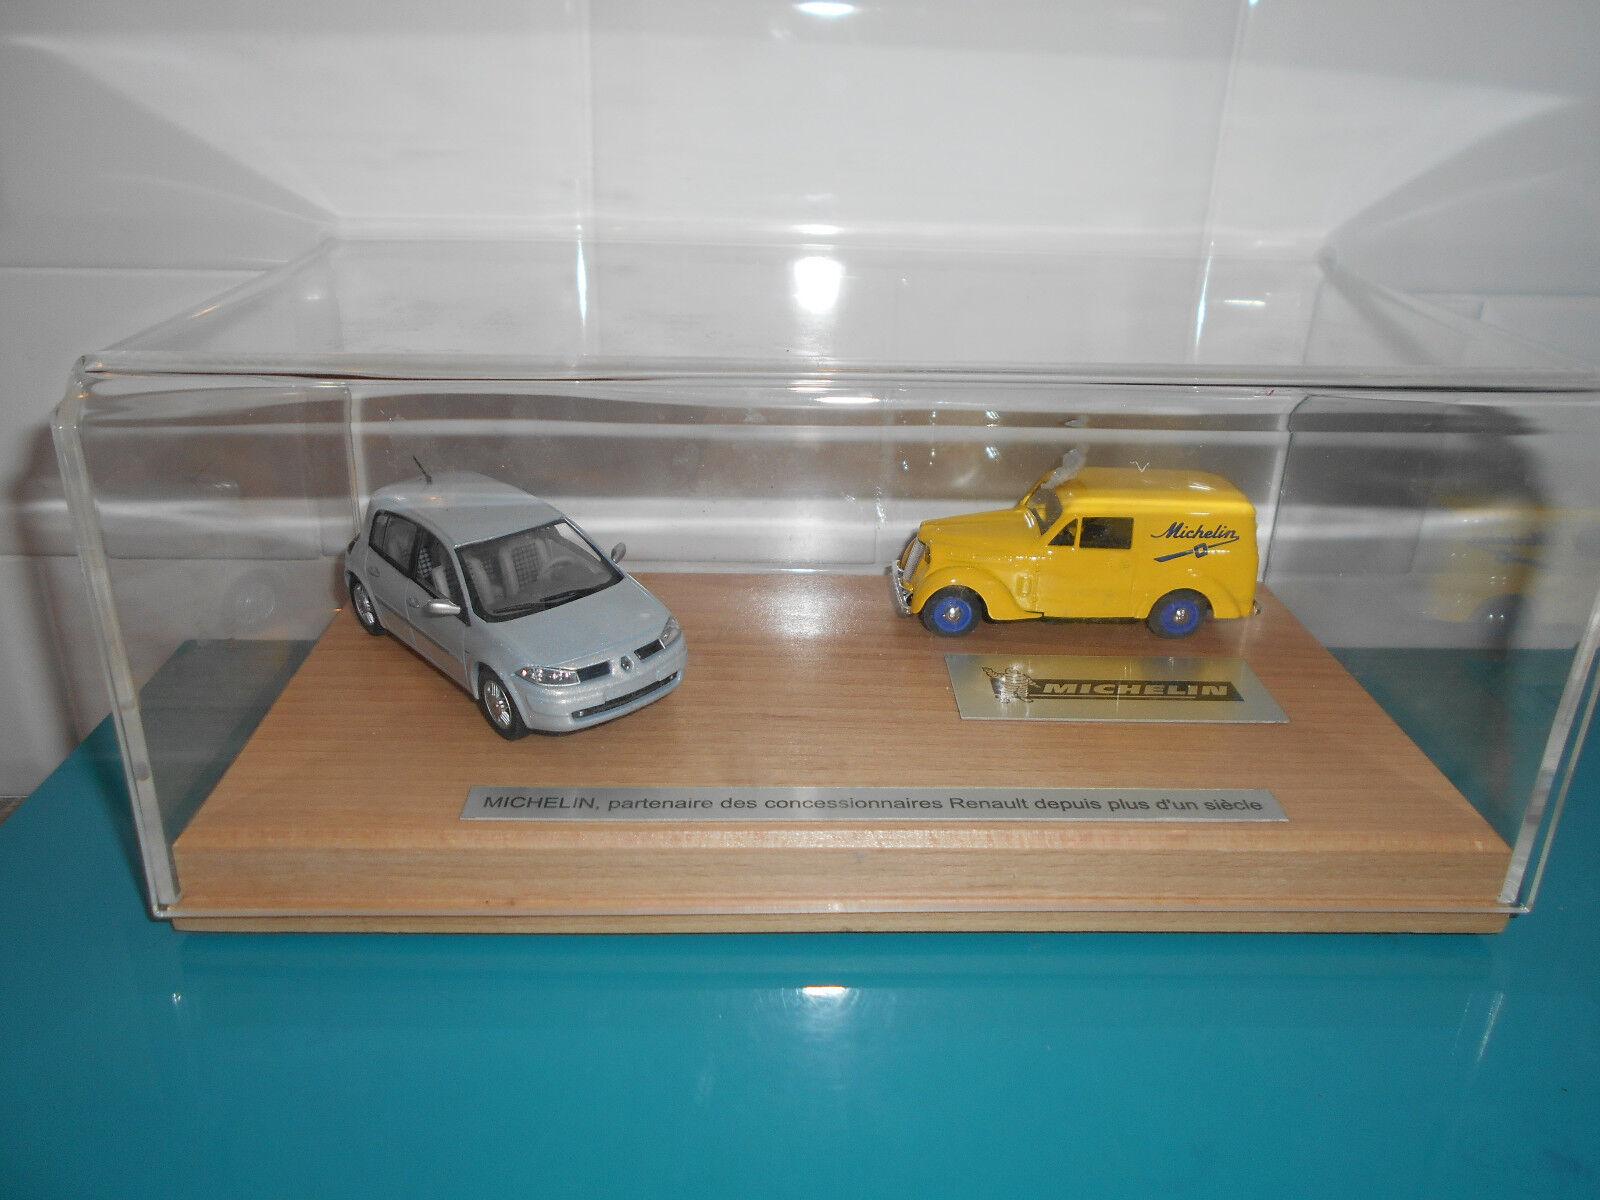 Coffret publicitaire concessionnaires Renault mégane juva Michelin Eligor 1/43